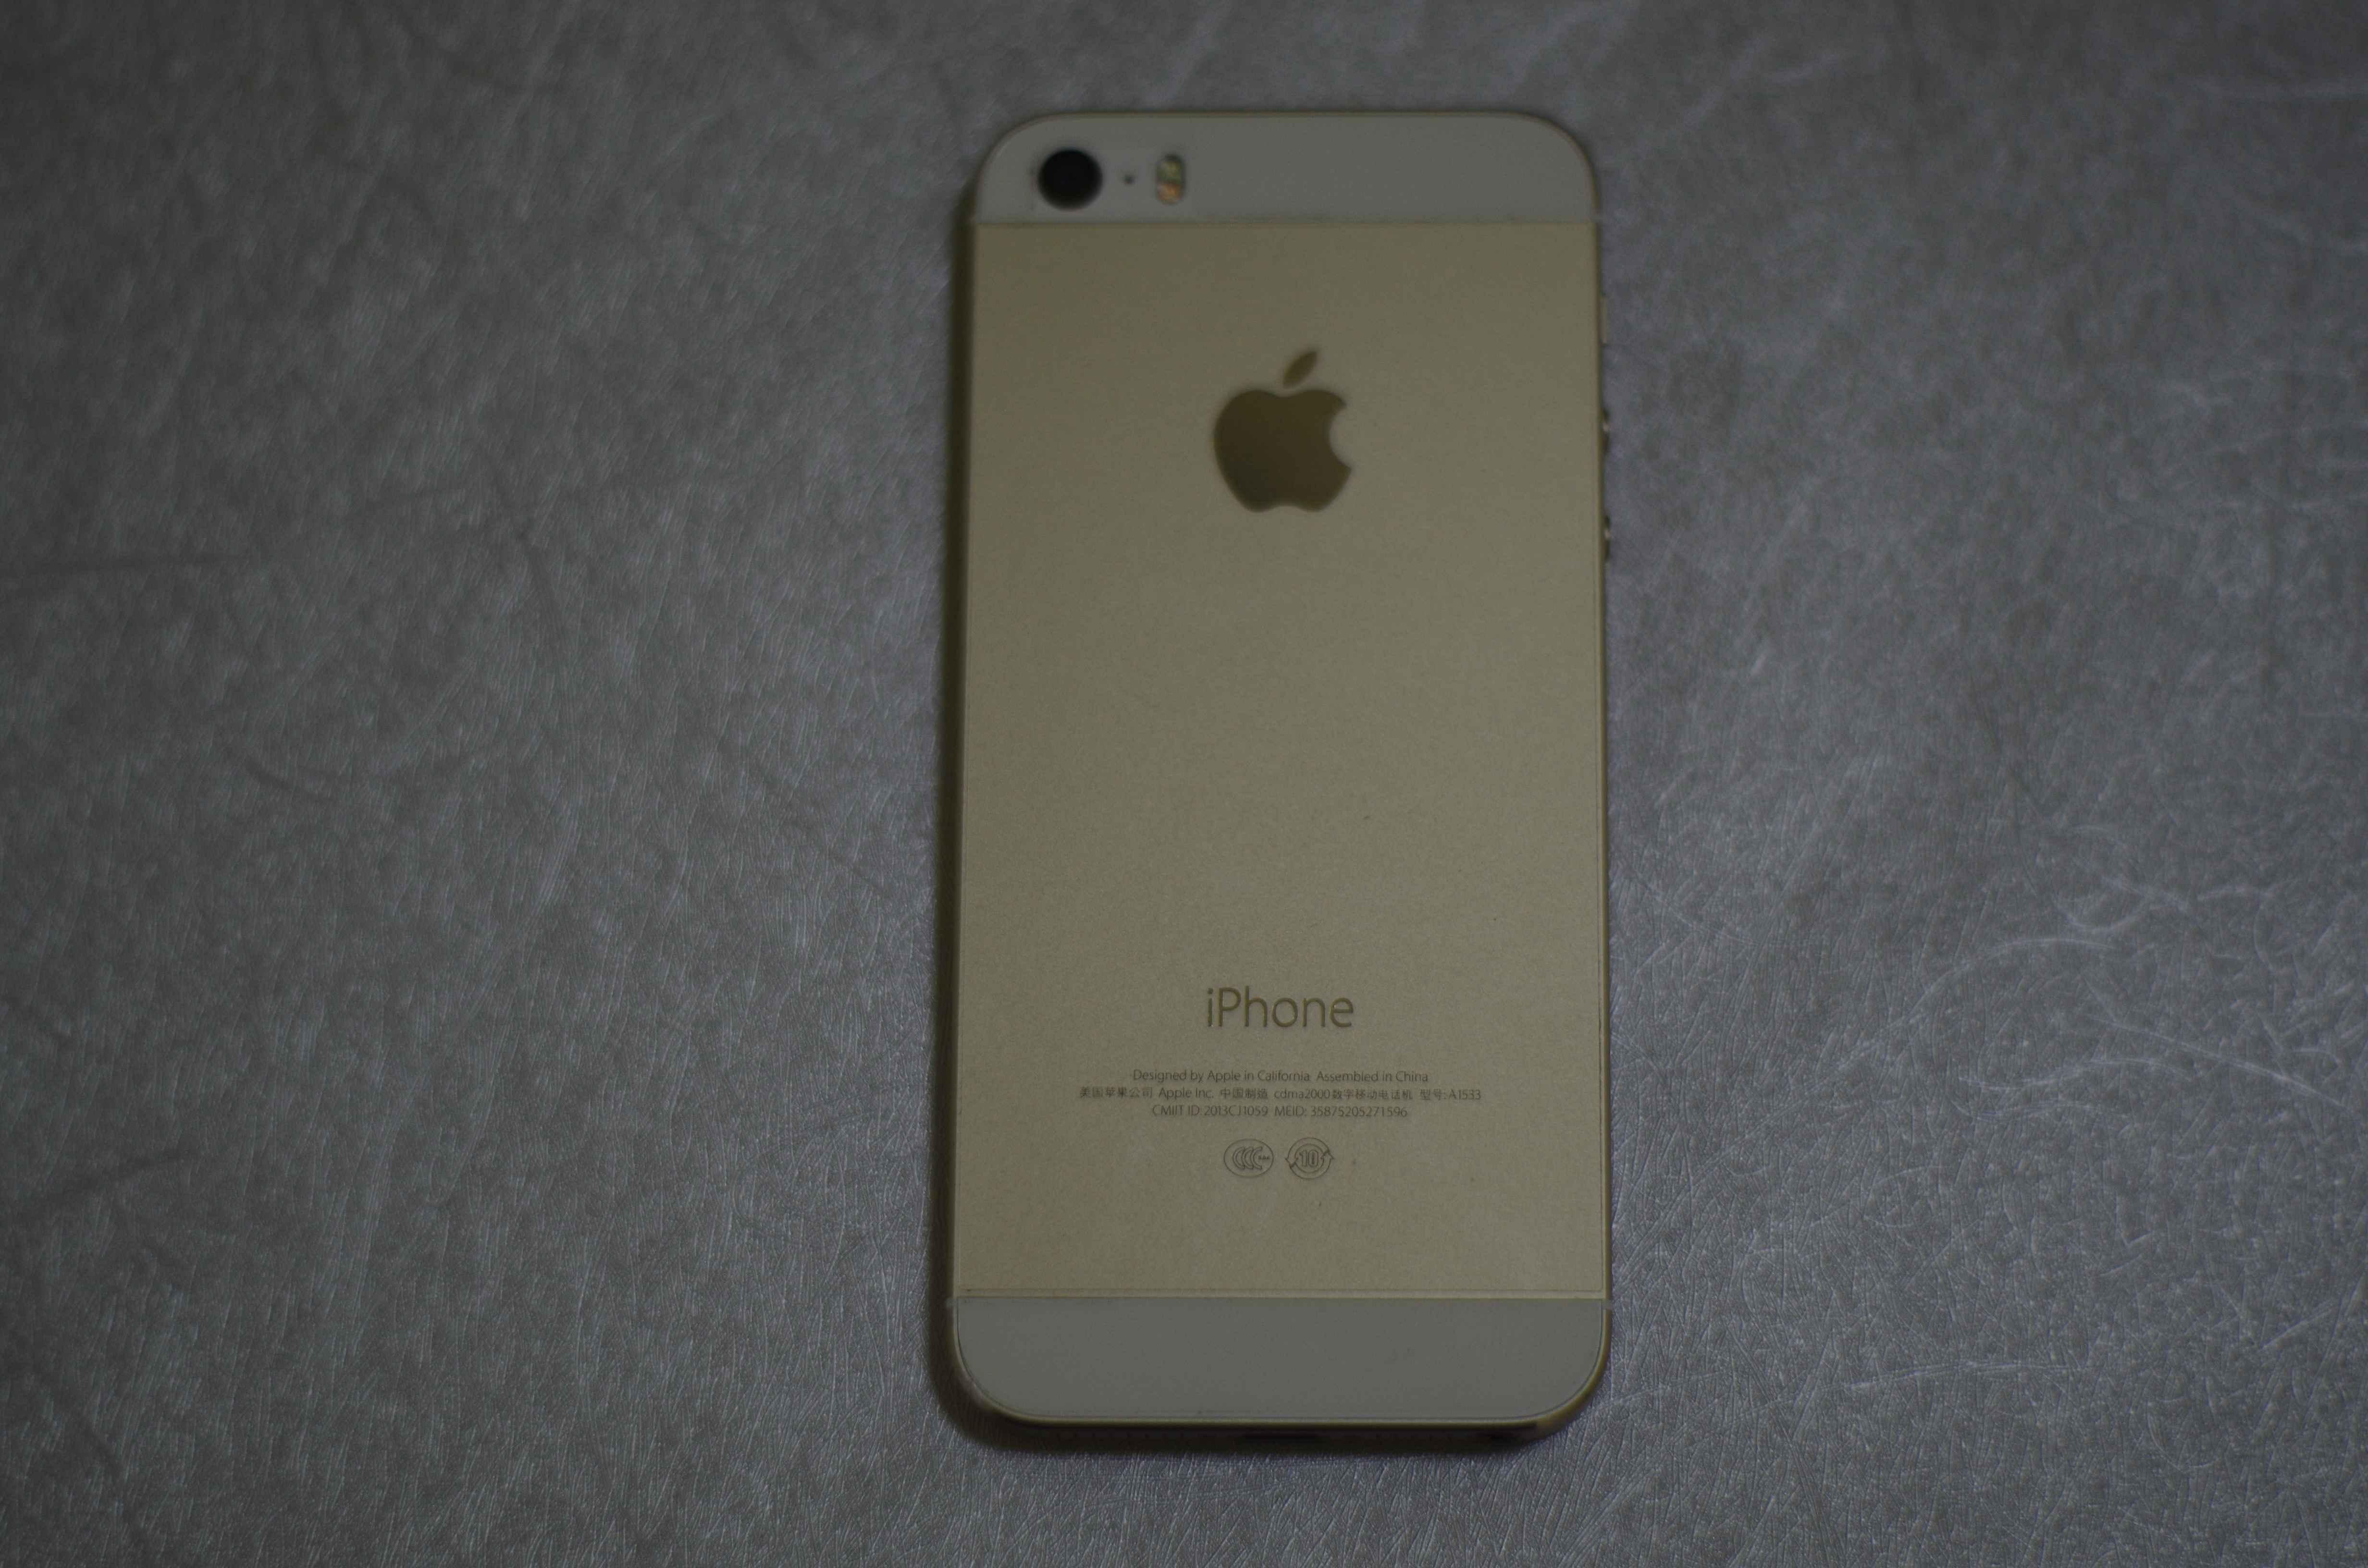 苹果iphone 5s(双4g)点评